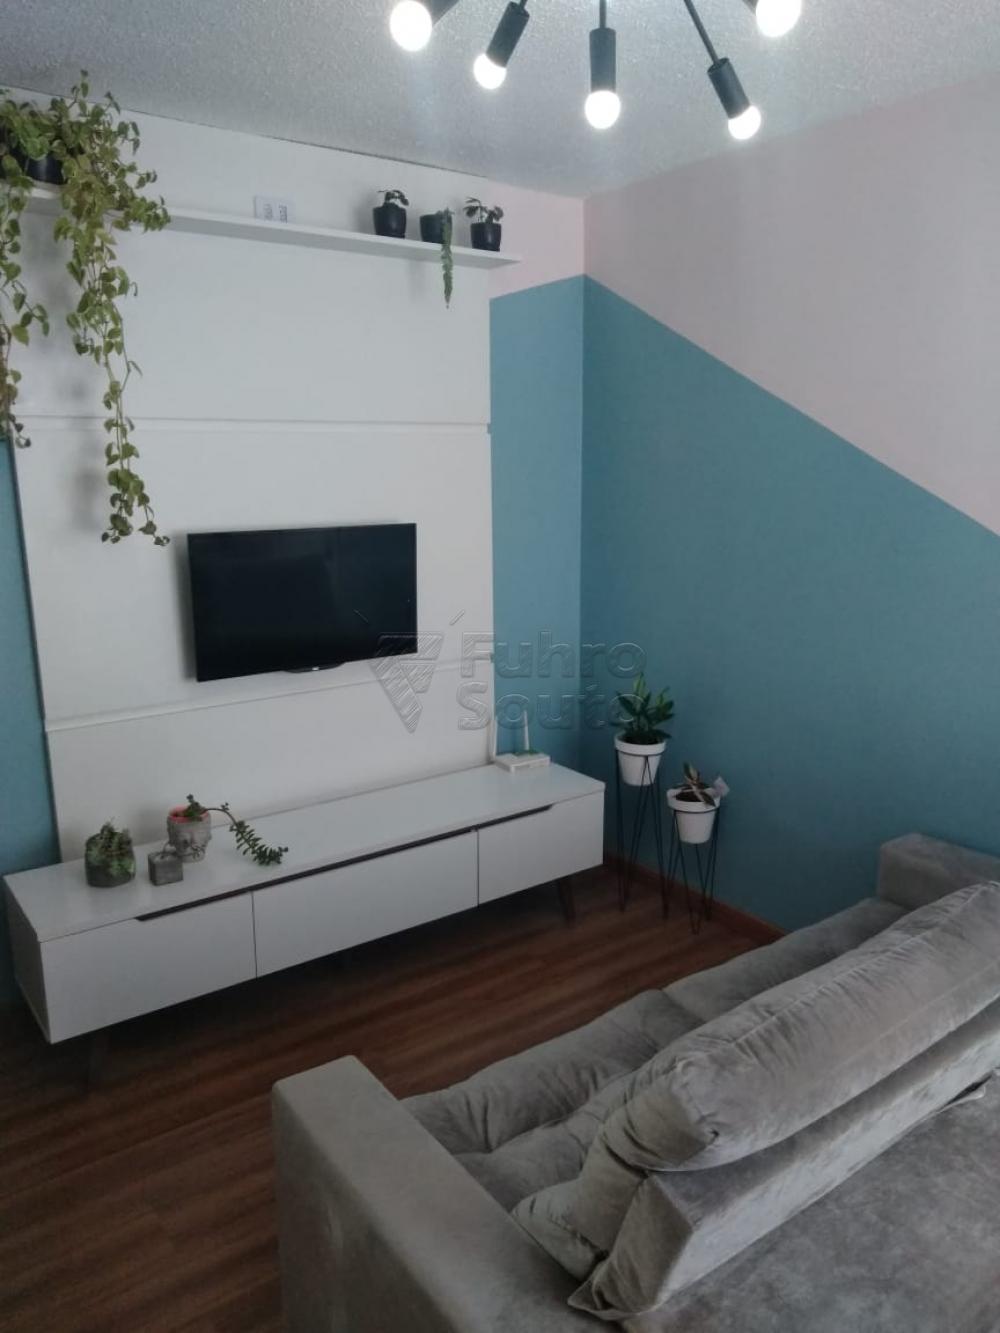 Comprar Apartamento / Padrão em Pelotas R$ 150.000,00 - Foto 3